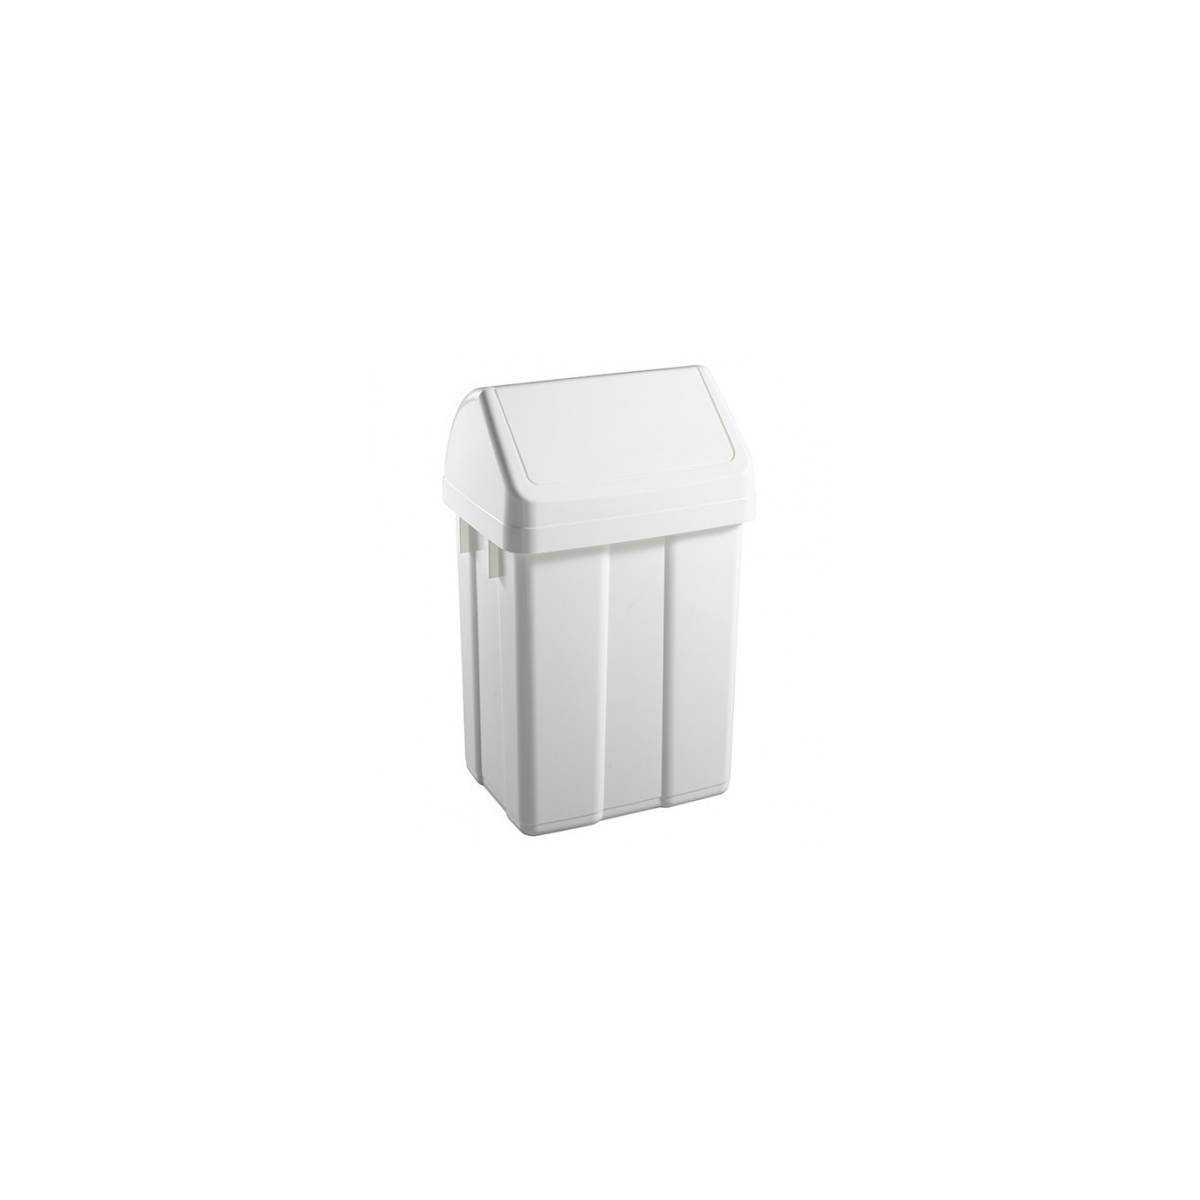 Урна для мусора с поворотной крышкой 25л MAXI (5200) 00005200 TTS